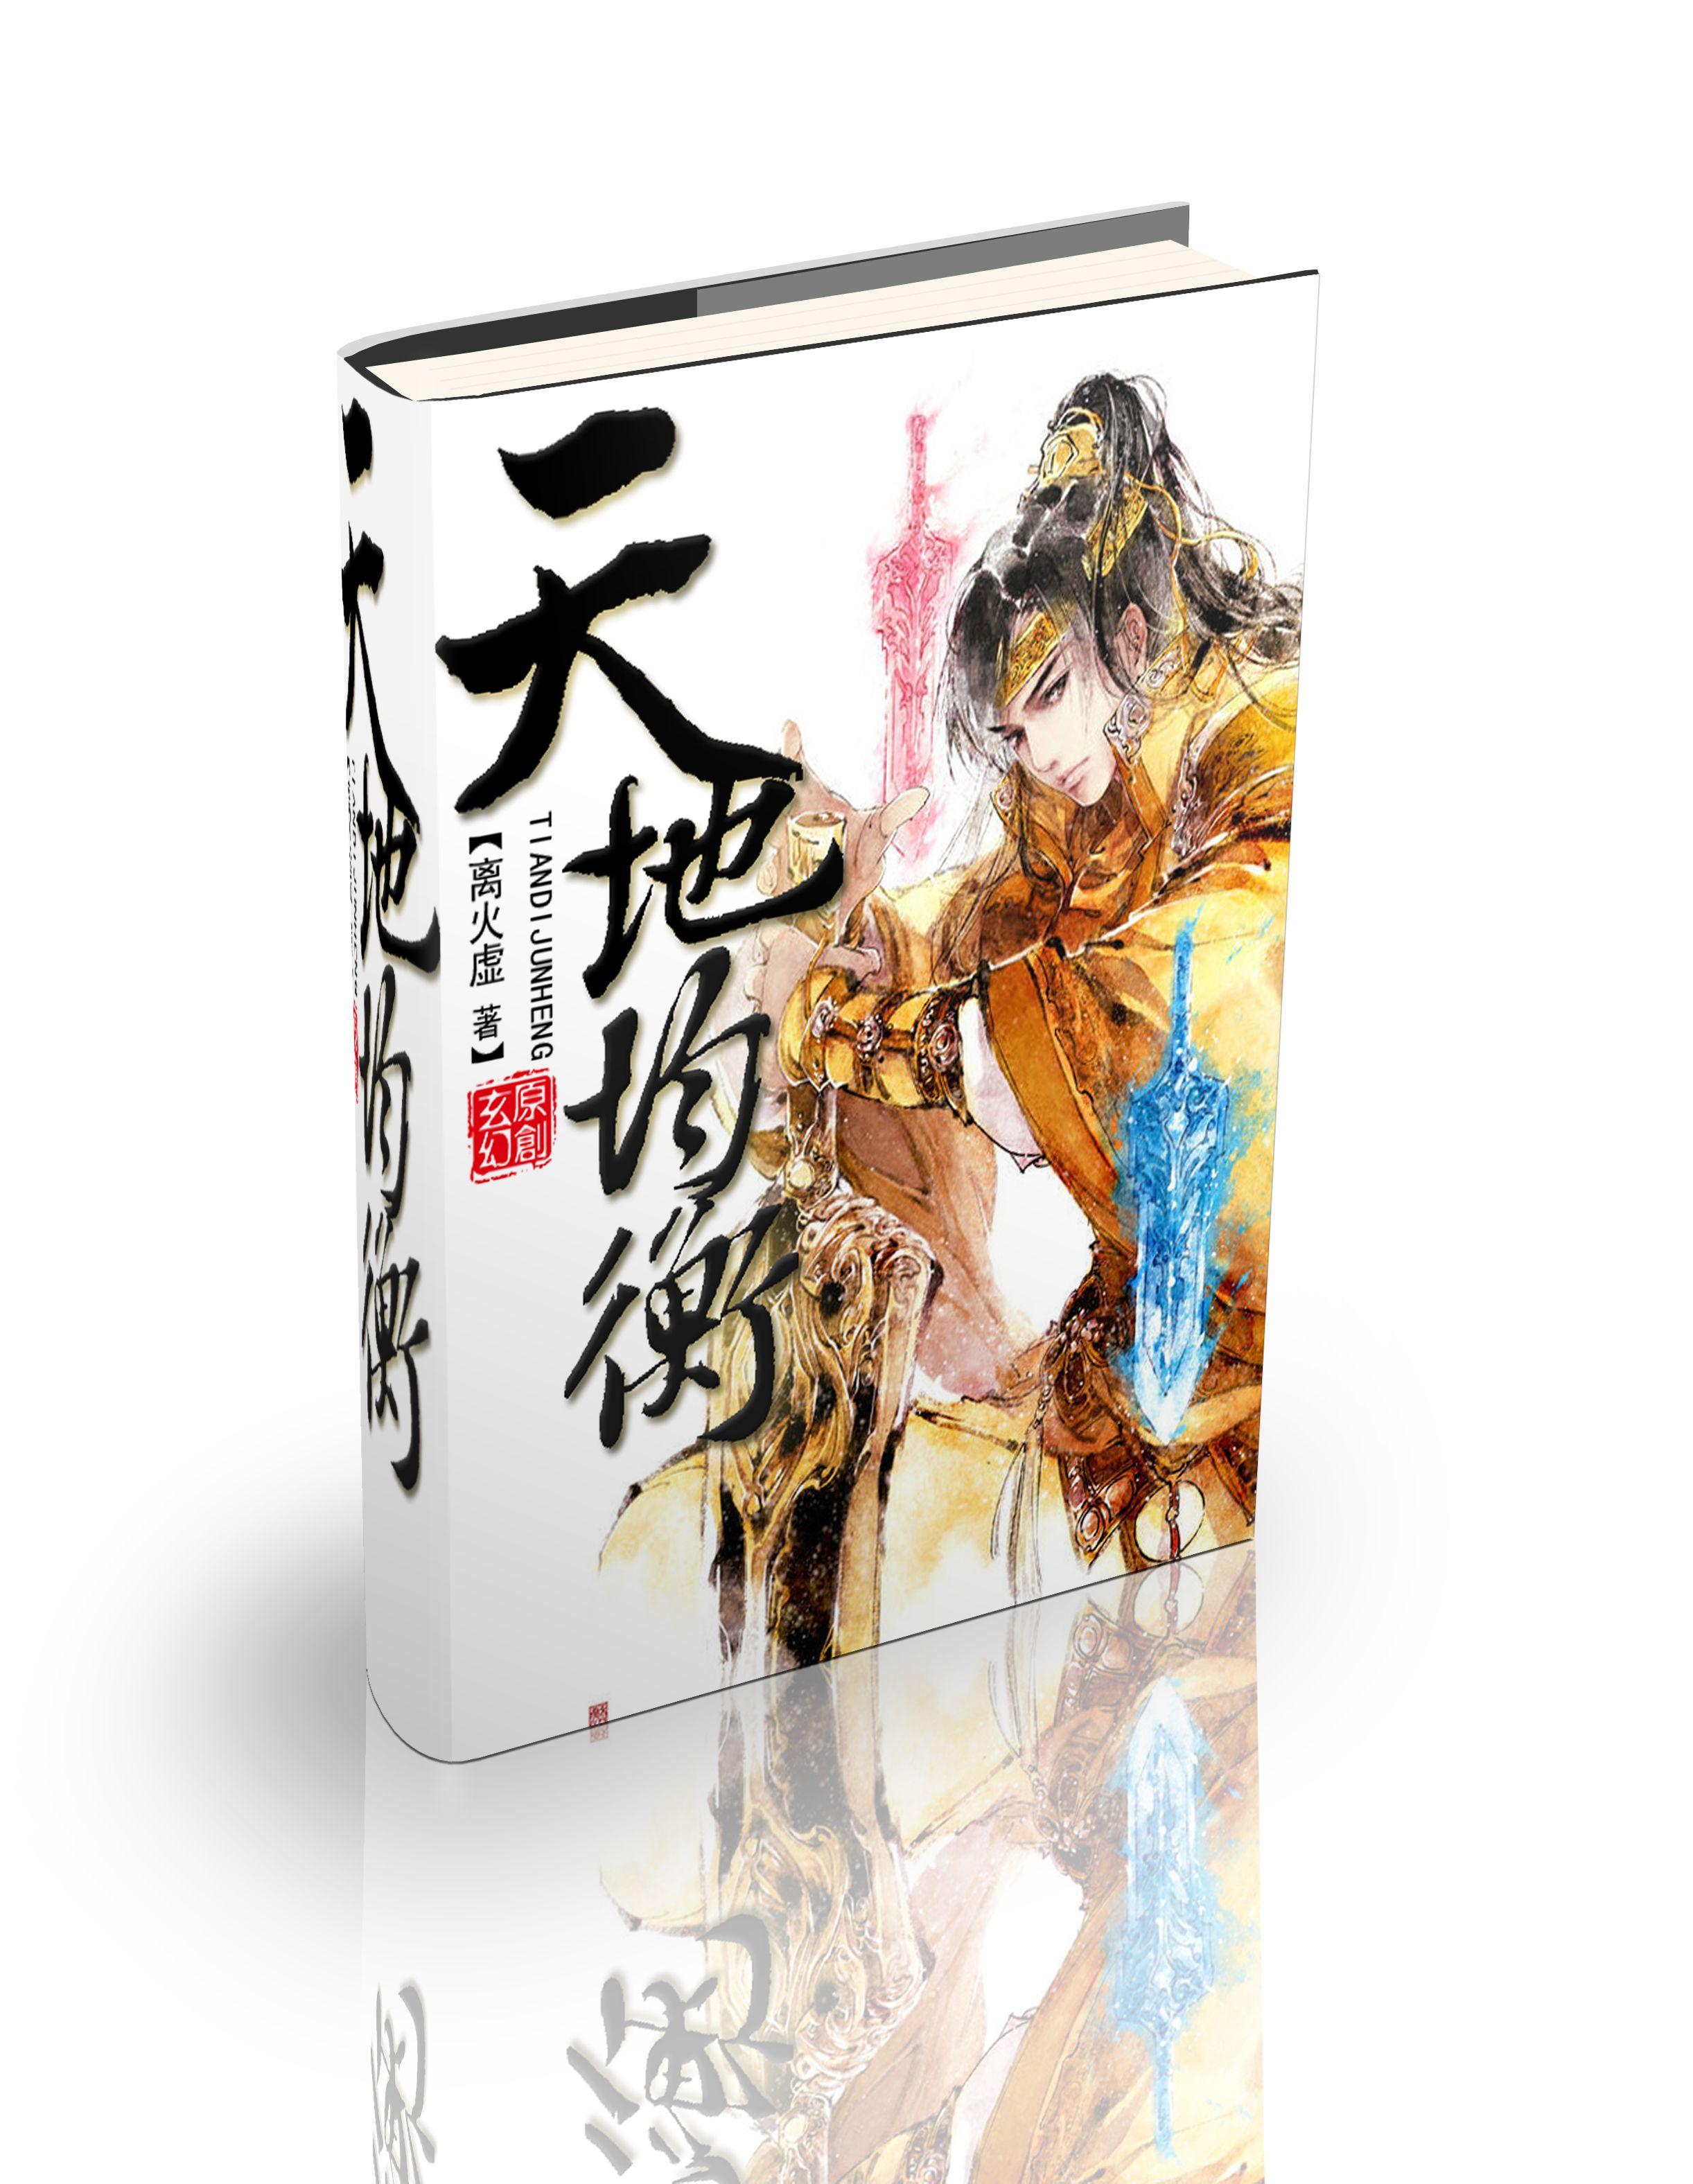 玄幻小�9lzgh��9�k_要写一部玄幻小说,求大神帮忙制作一个封面